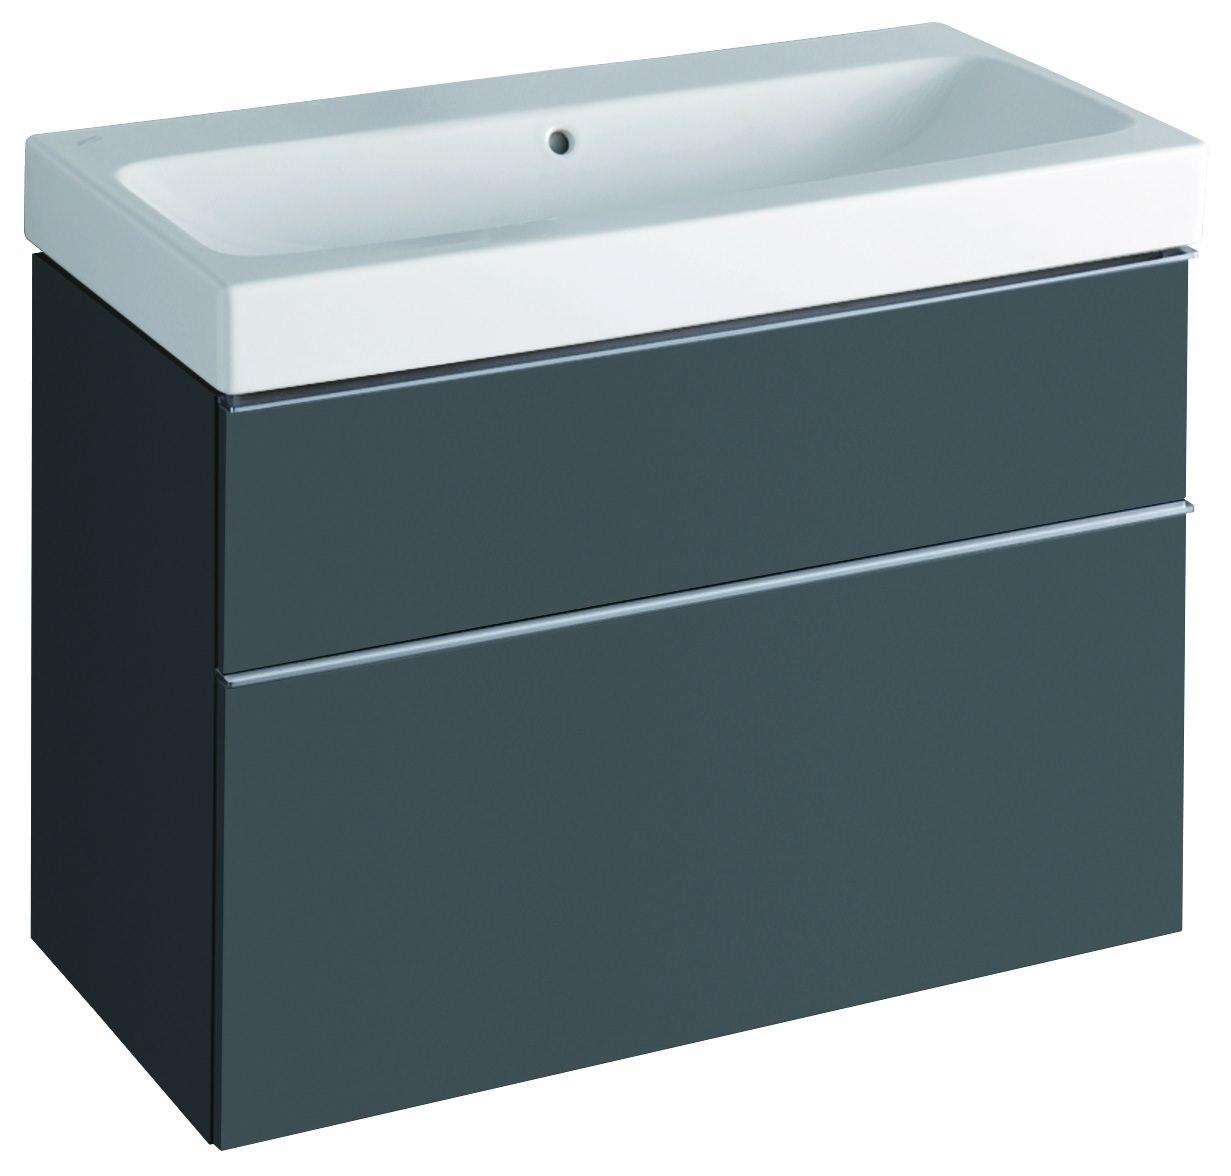 keramag icon waschtischunterschrank 890x620x477mm lava. Black Bedroom Furniture Sets. Home Design Ideas